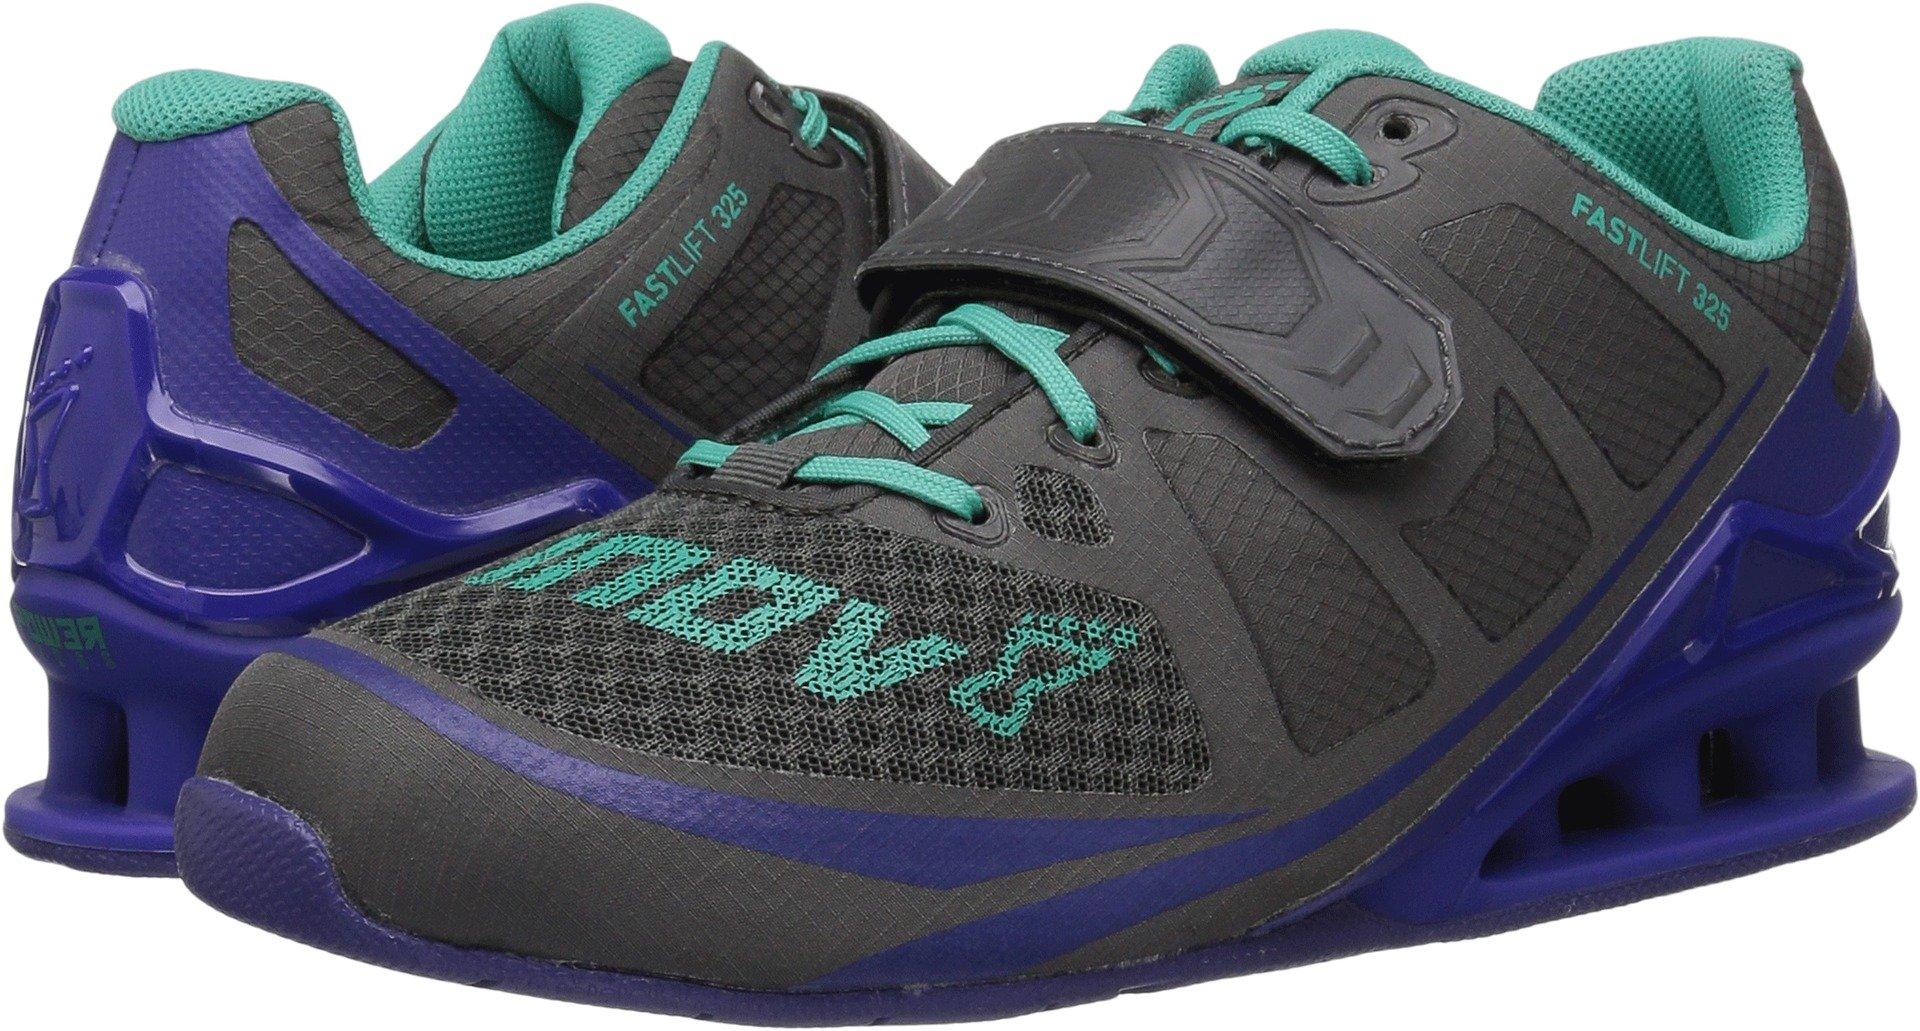 inov-8 Women's Fastlift 325 Dark Grey/Purple/Teal 8.5 F(M) UK / 11 B(M) US